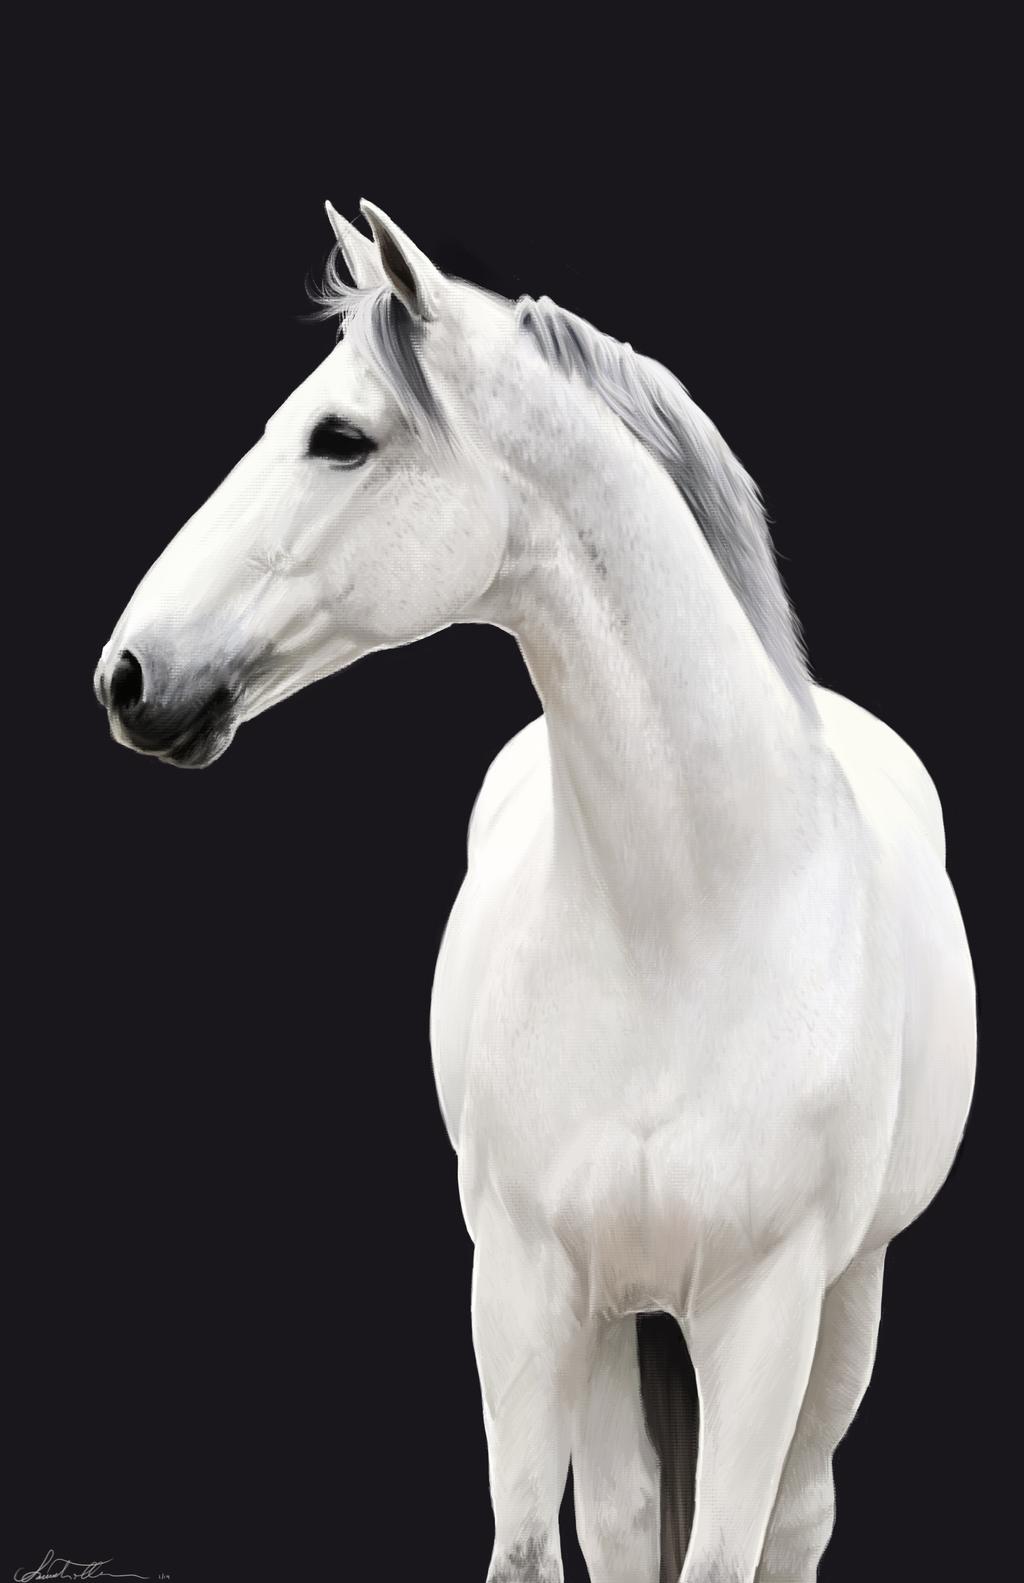 White Horse Tumblr